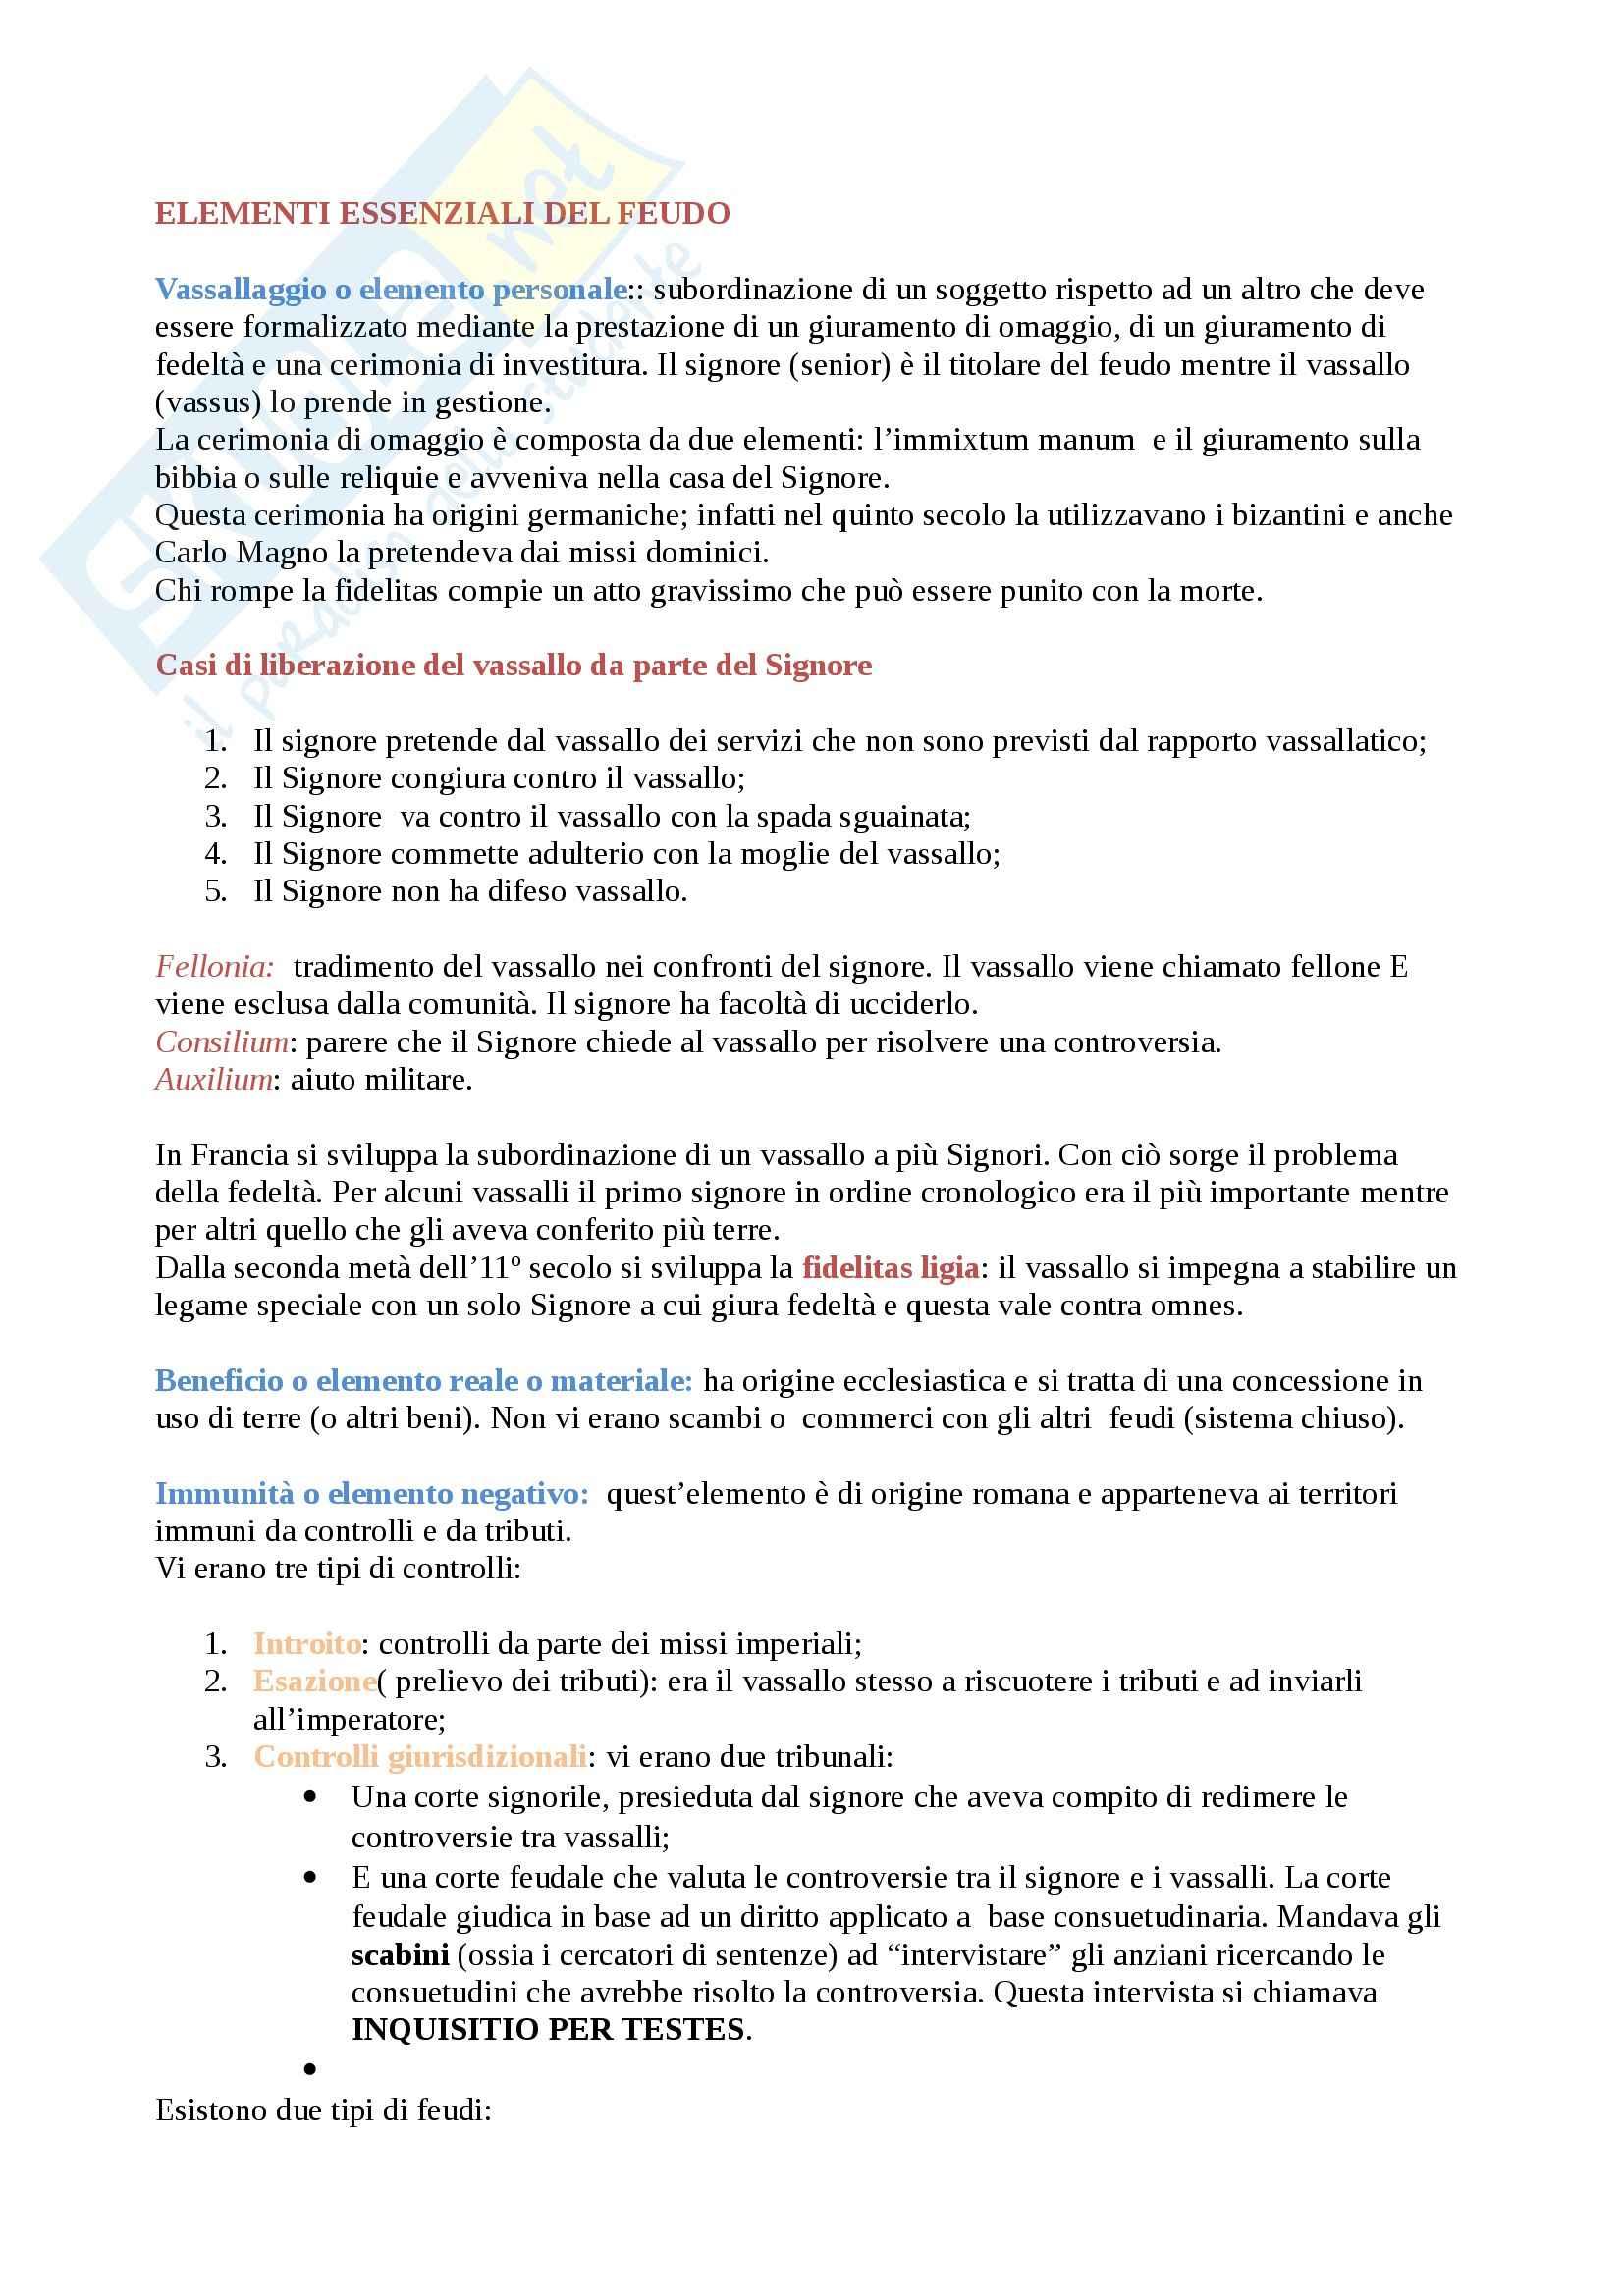 Elementi essenziali del feudo, Storia del diritto